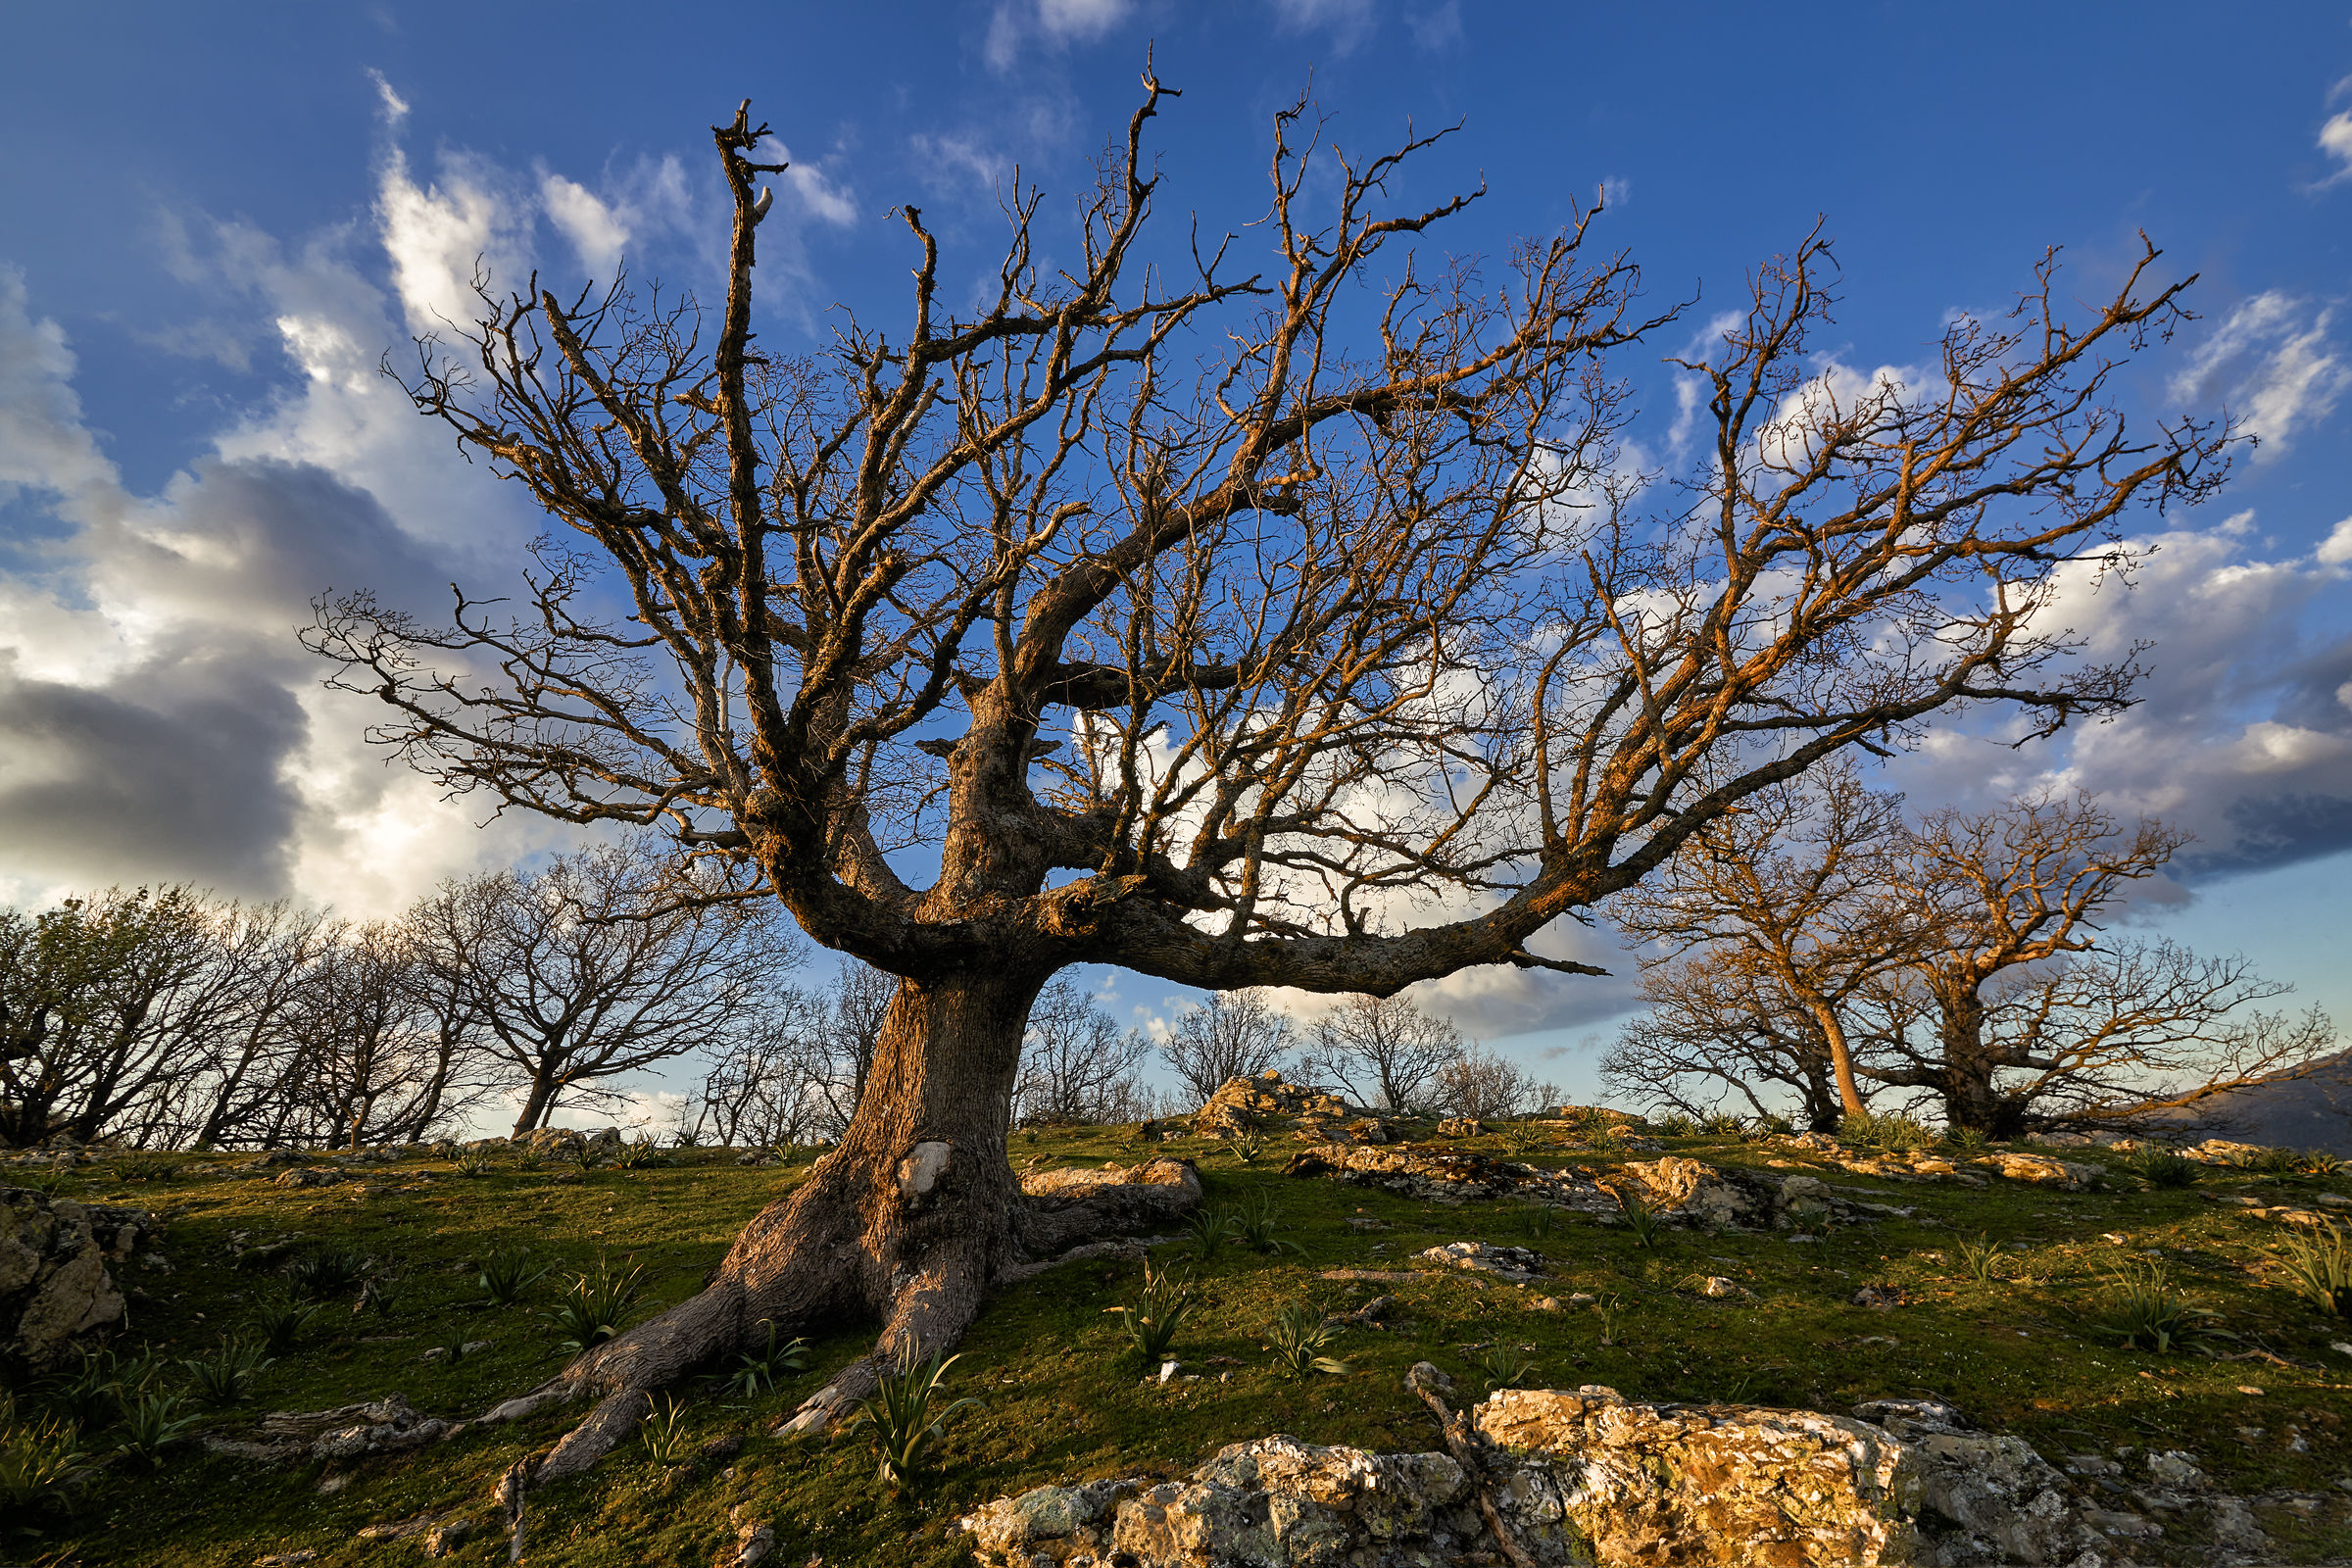 L'albero...